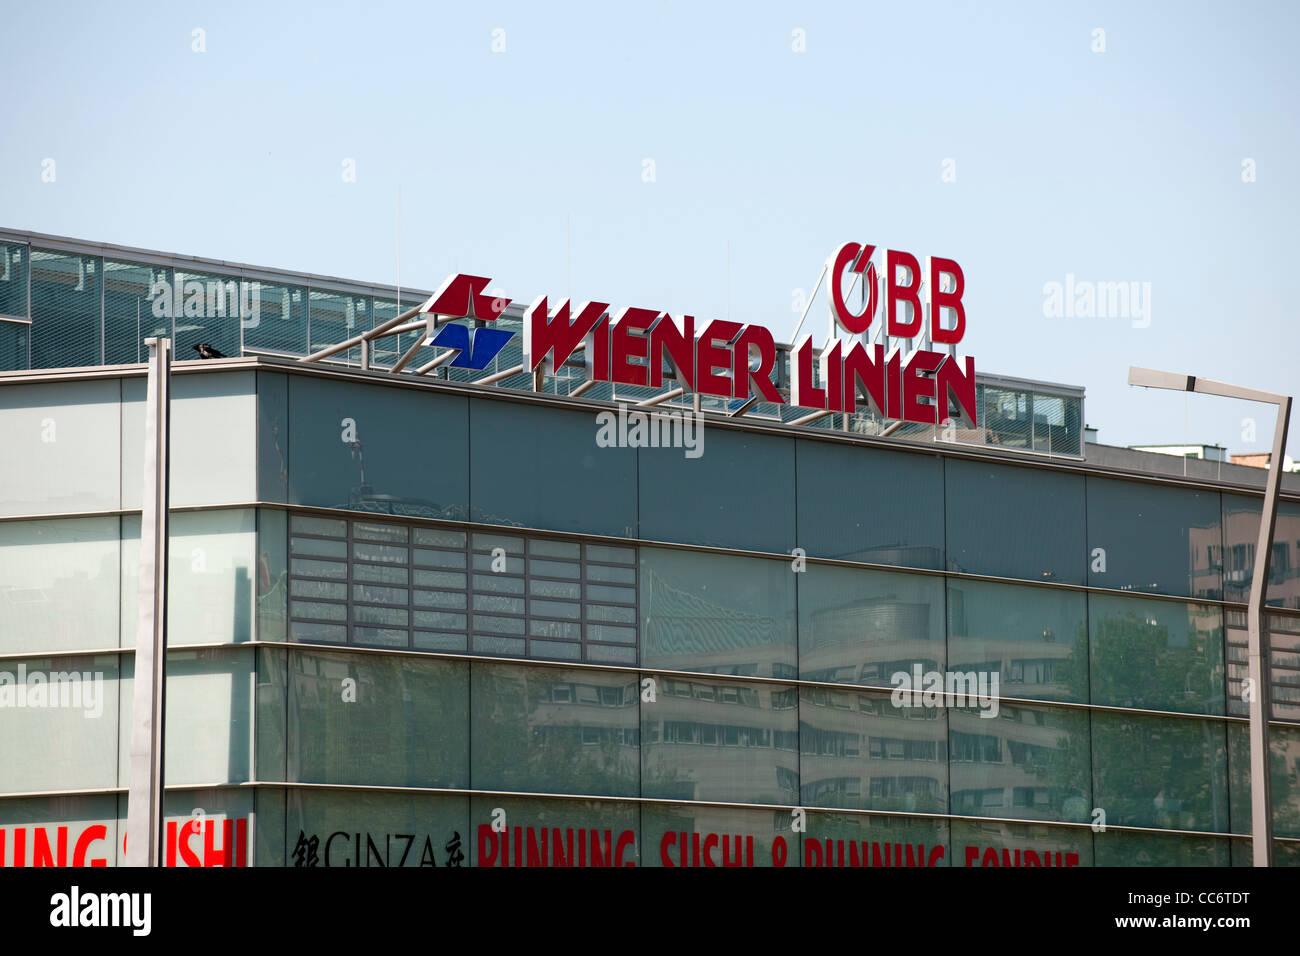 Österreich, Wien II, Praterstern, ÖBB, Wiener Linien, Bahnhofsgebäude. - Stock Image